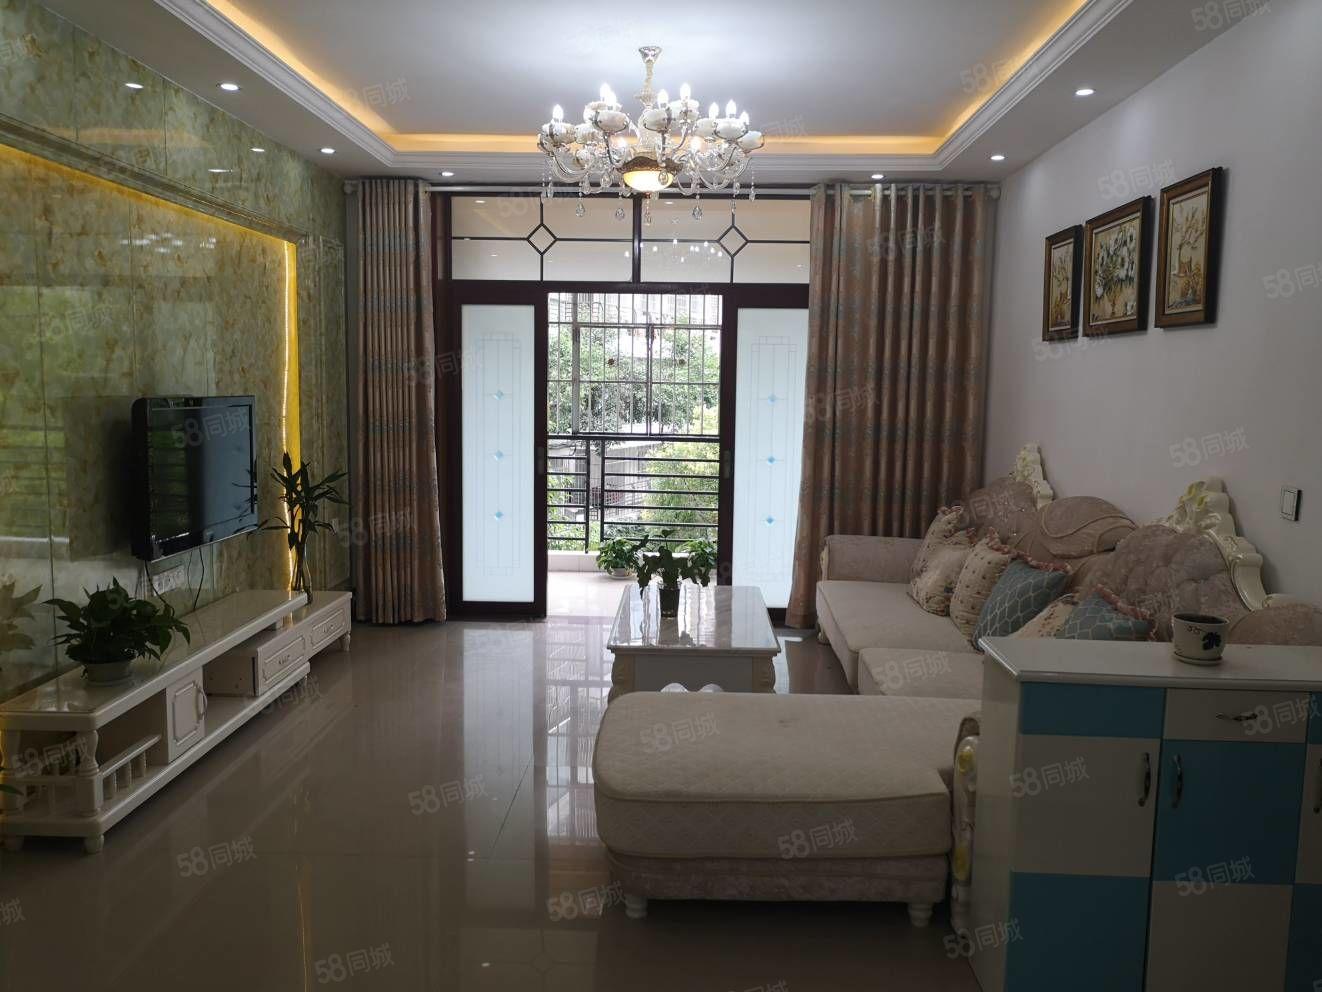 蓬城印象现浇房2楼精装修3室带双阳台家具家电齐全可按揭